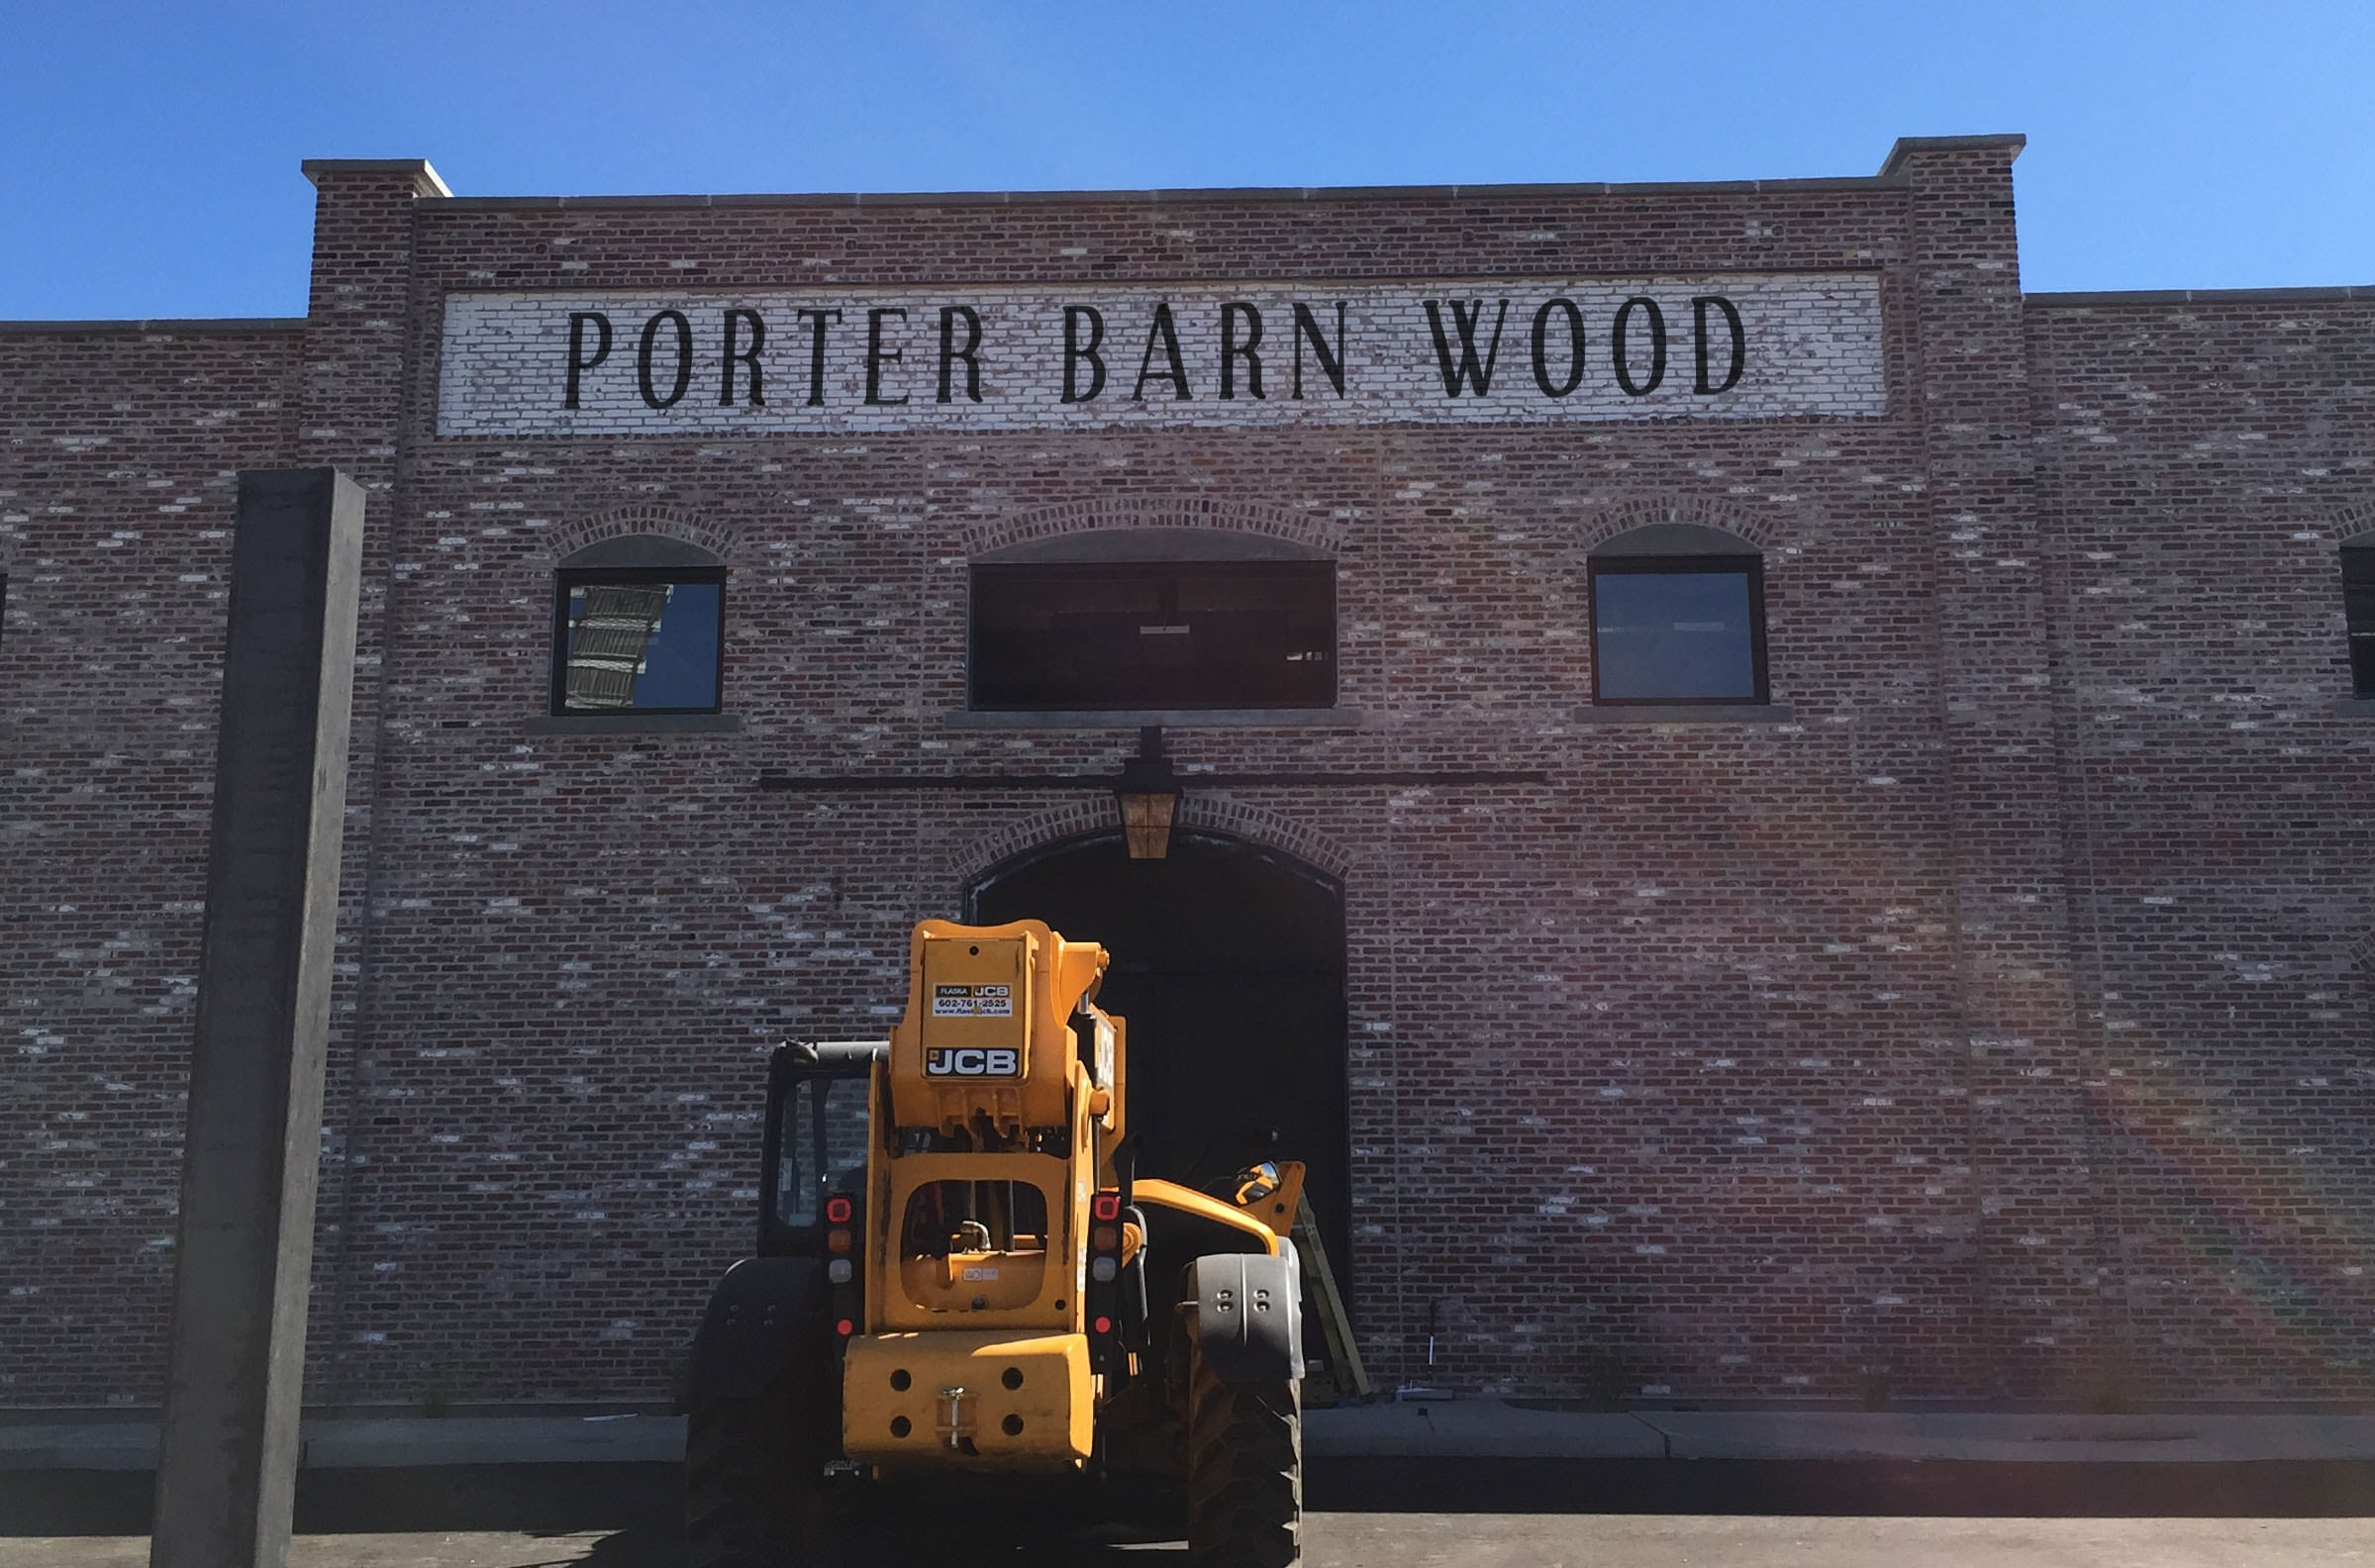 porterbarnwoodfront